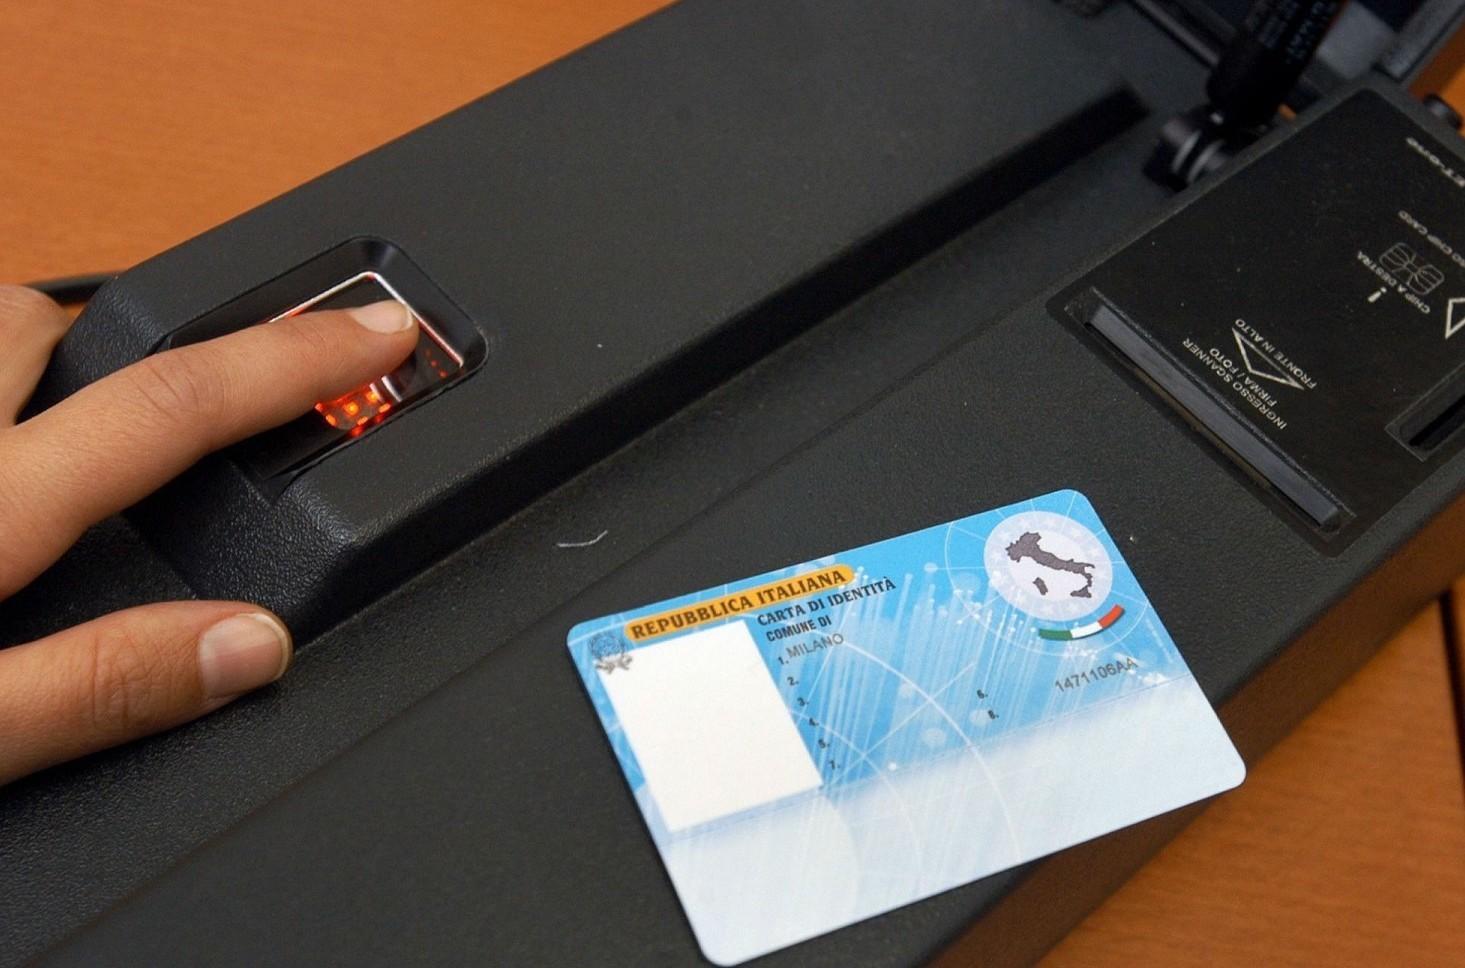 Carta di identità elettronica, come fare richiesta per averla. Tempi rilascio, documenti, costi